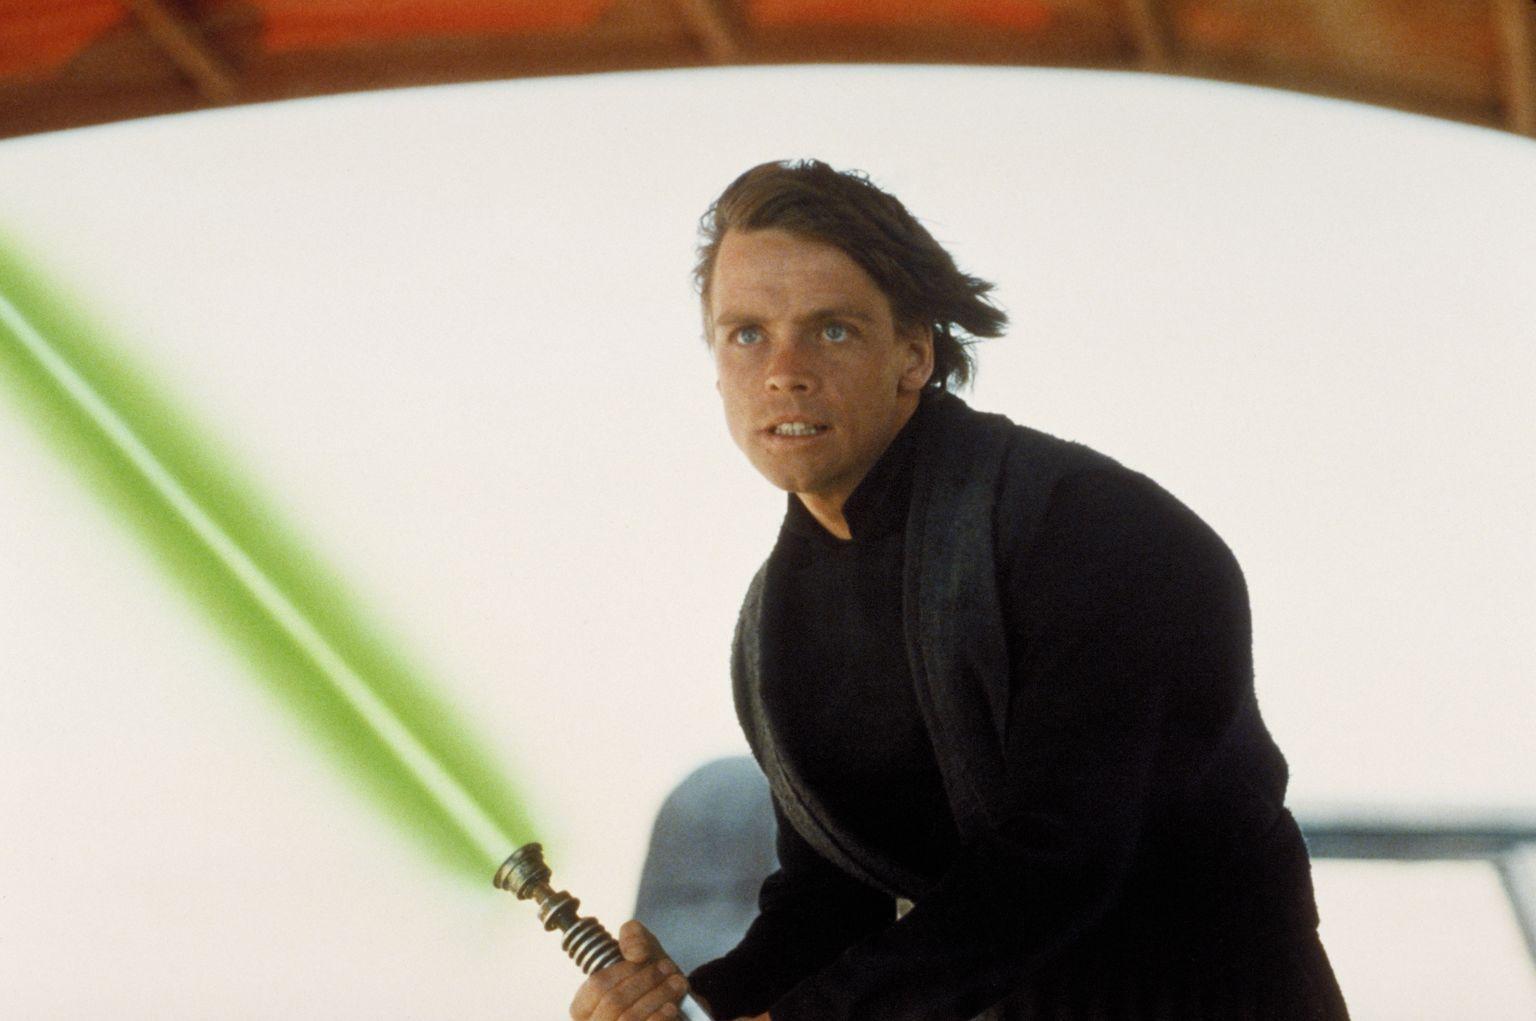 Star Wars - Episódio VI - O Retorno de Jedi Still-of-mark-hamill-in-star-wars-episode-vi-return-of-the-jedi-large-picture